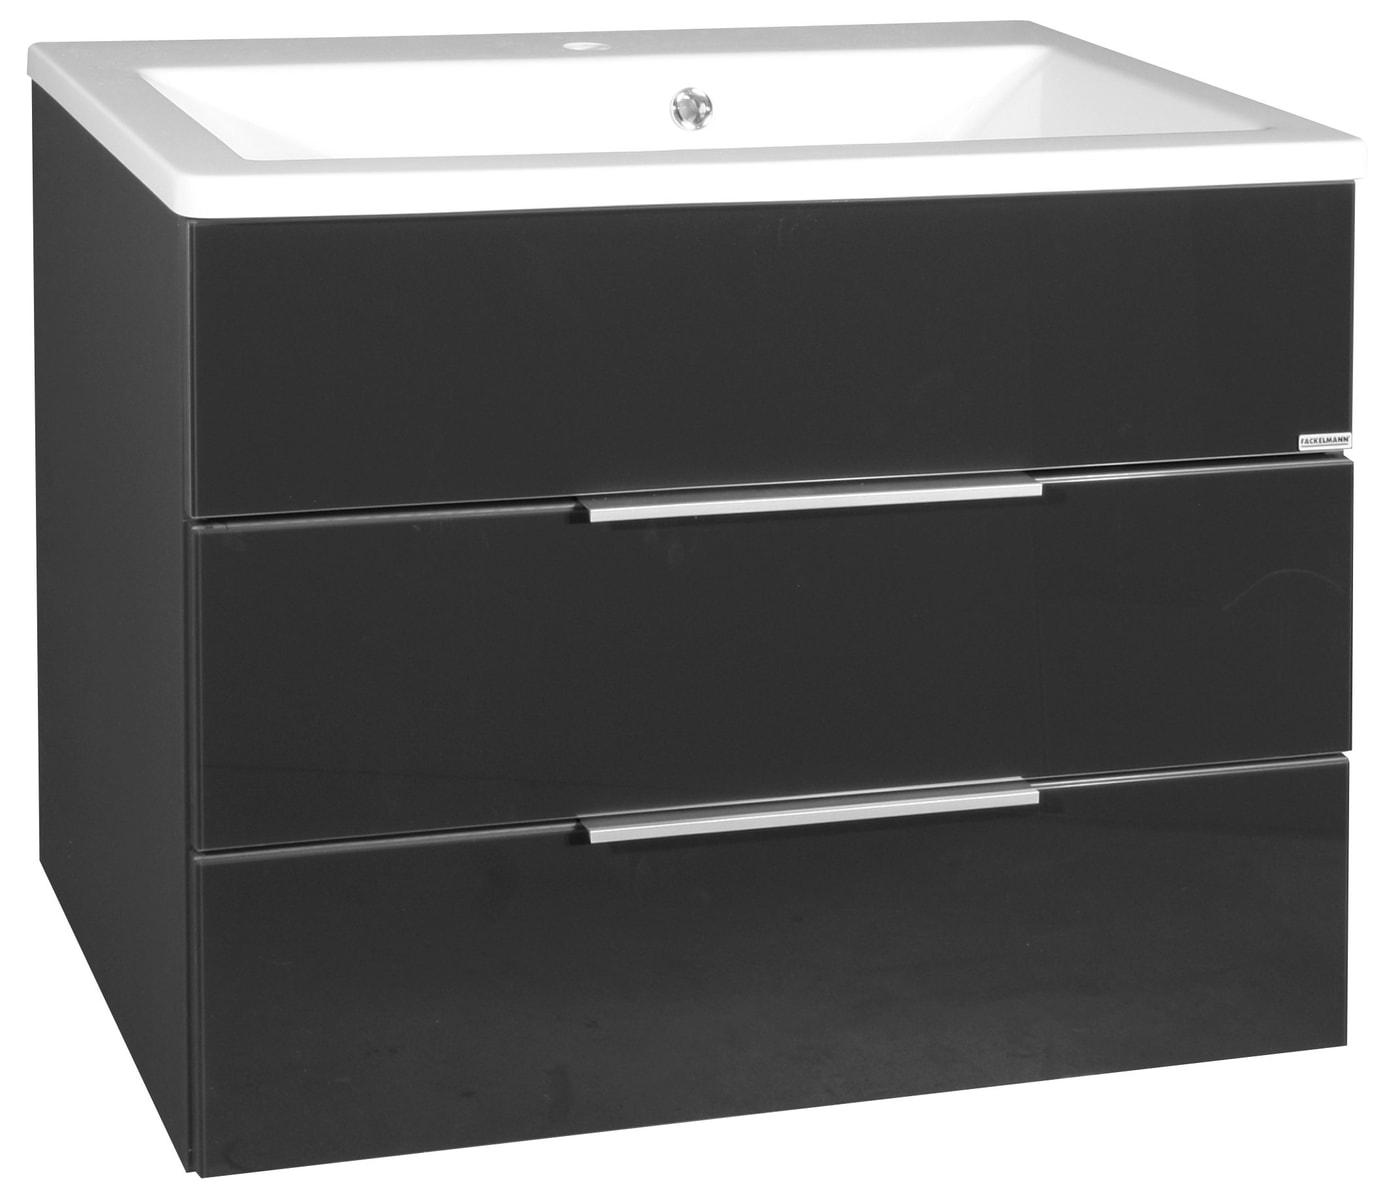 fackelmann kara waschtisch unterschrank migros. Black Bedroom Furniture Sets. Home Design Ideas